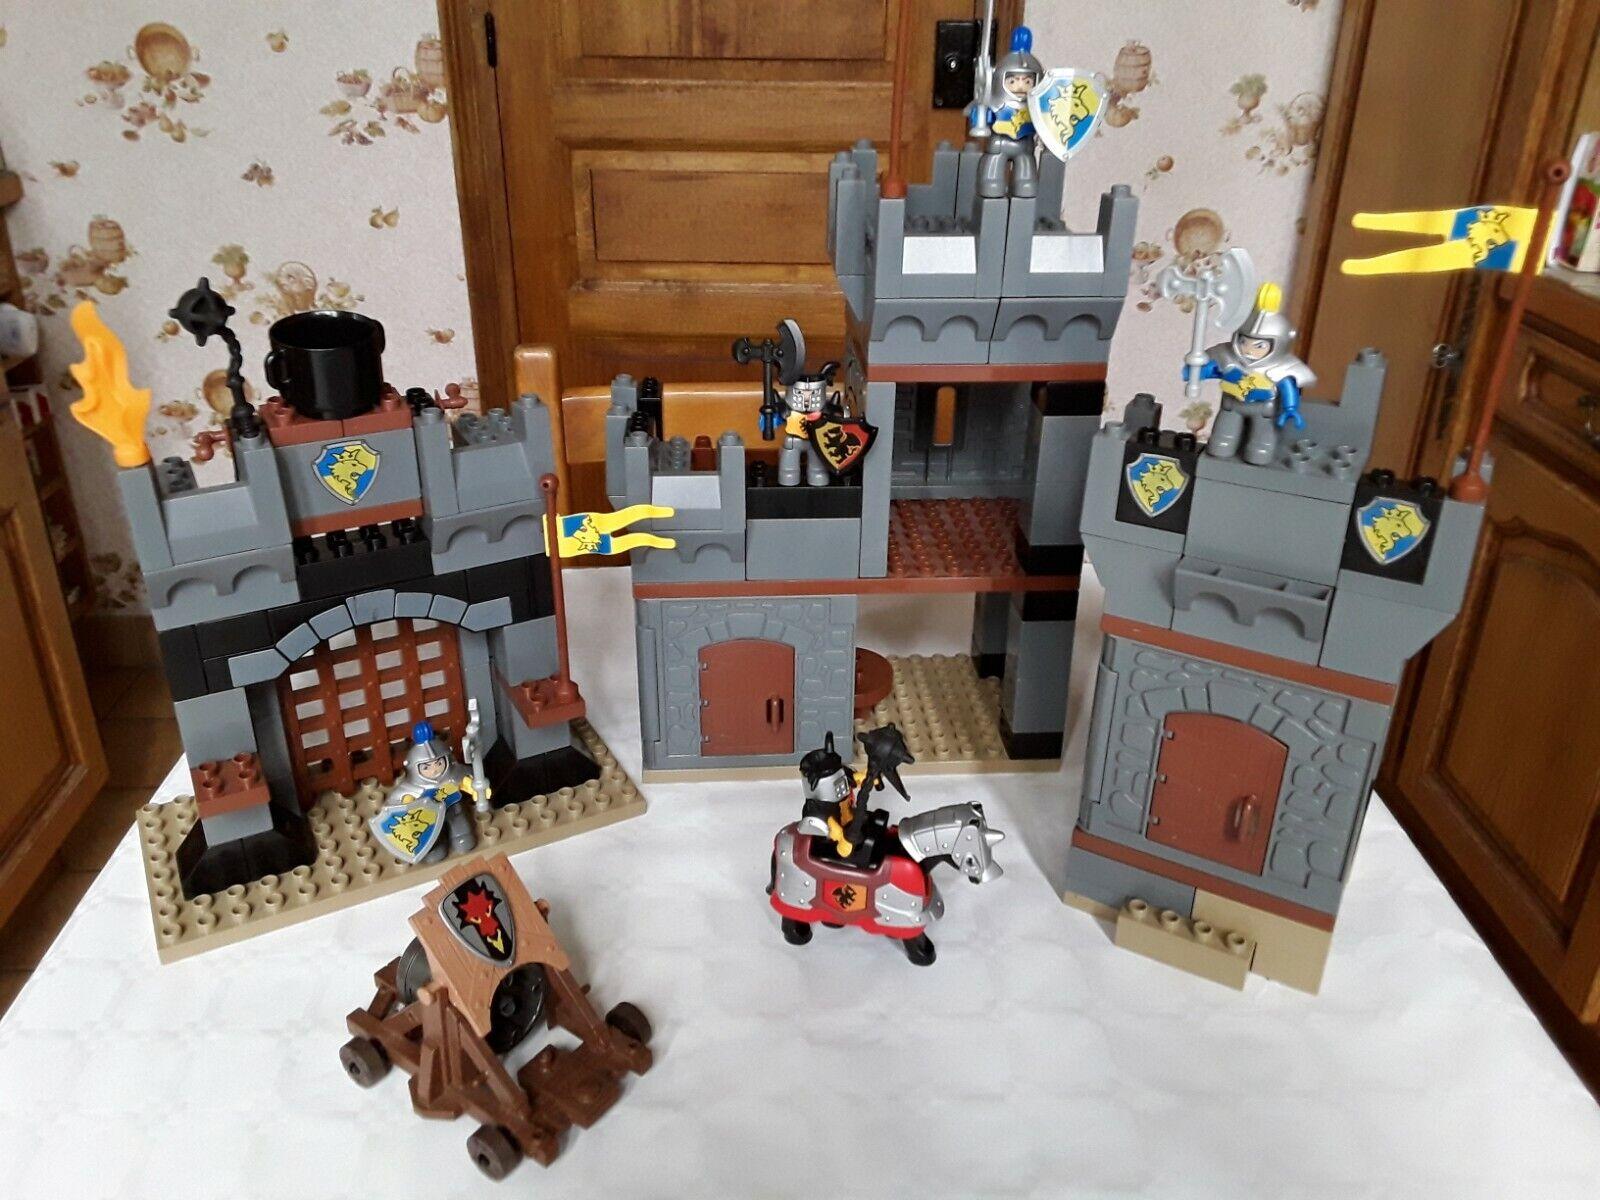 Chateau lego duplo  4777 avec personnages